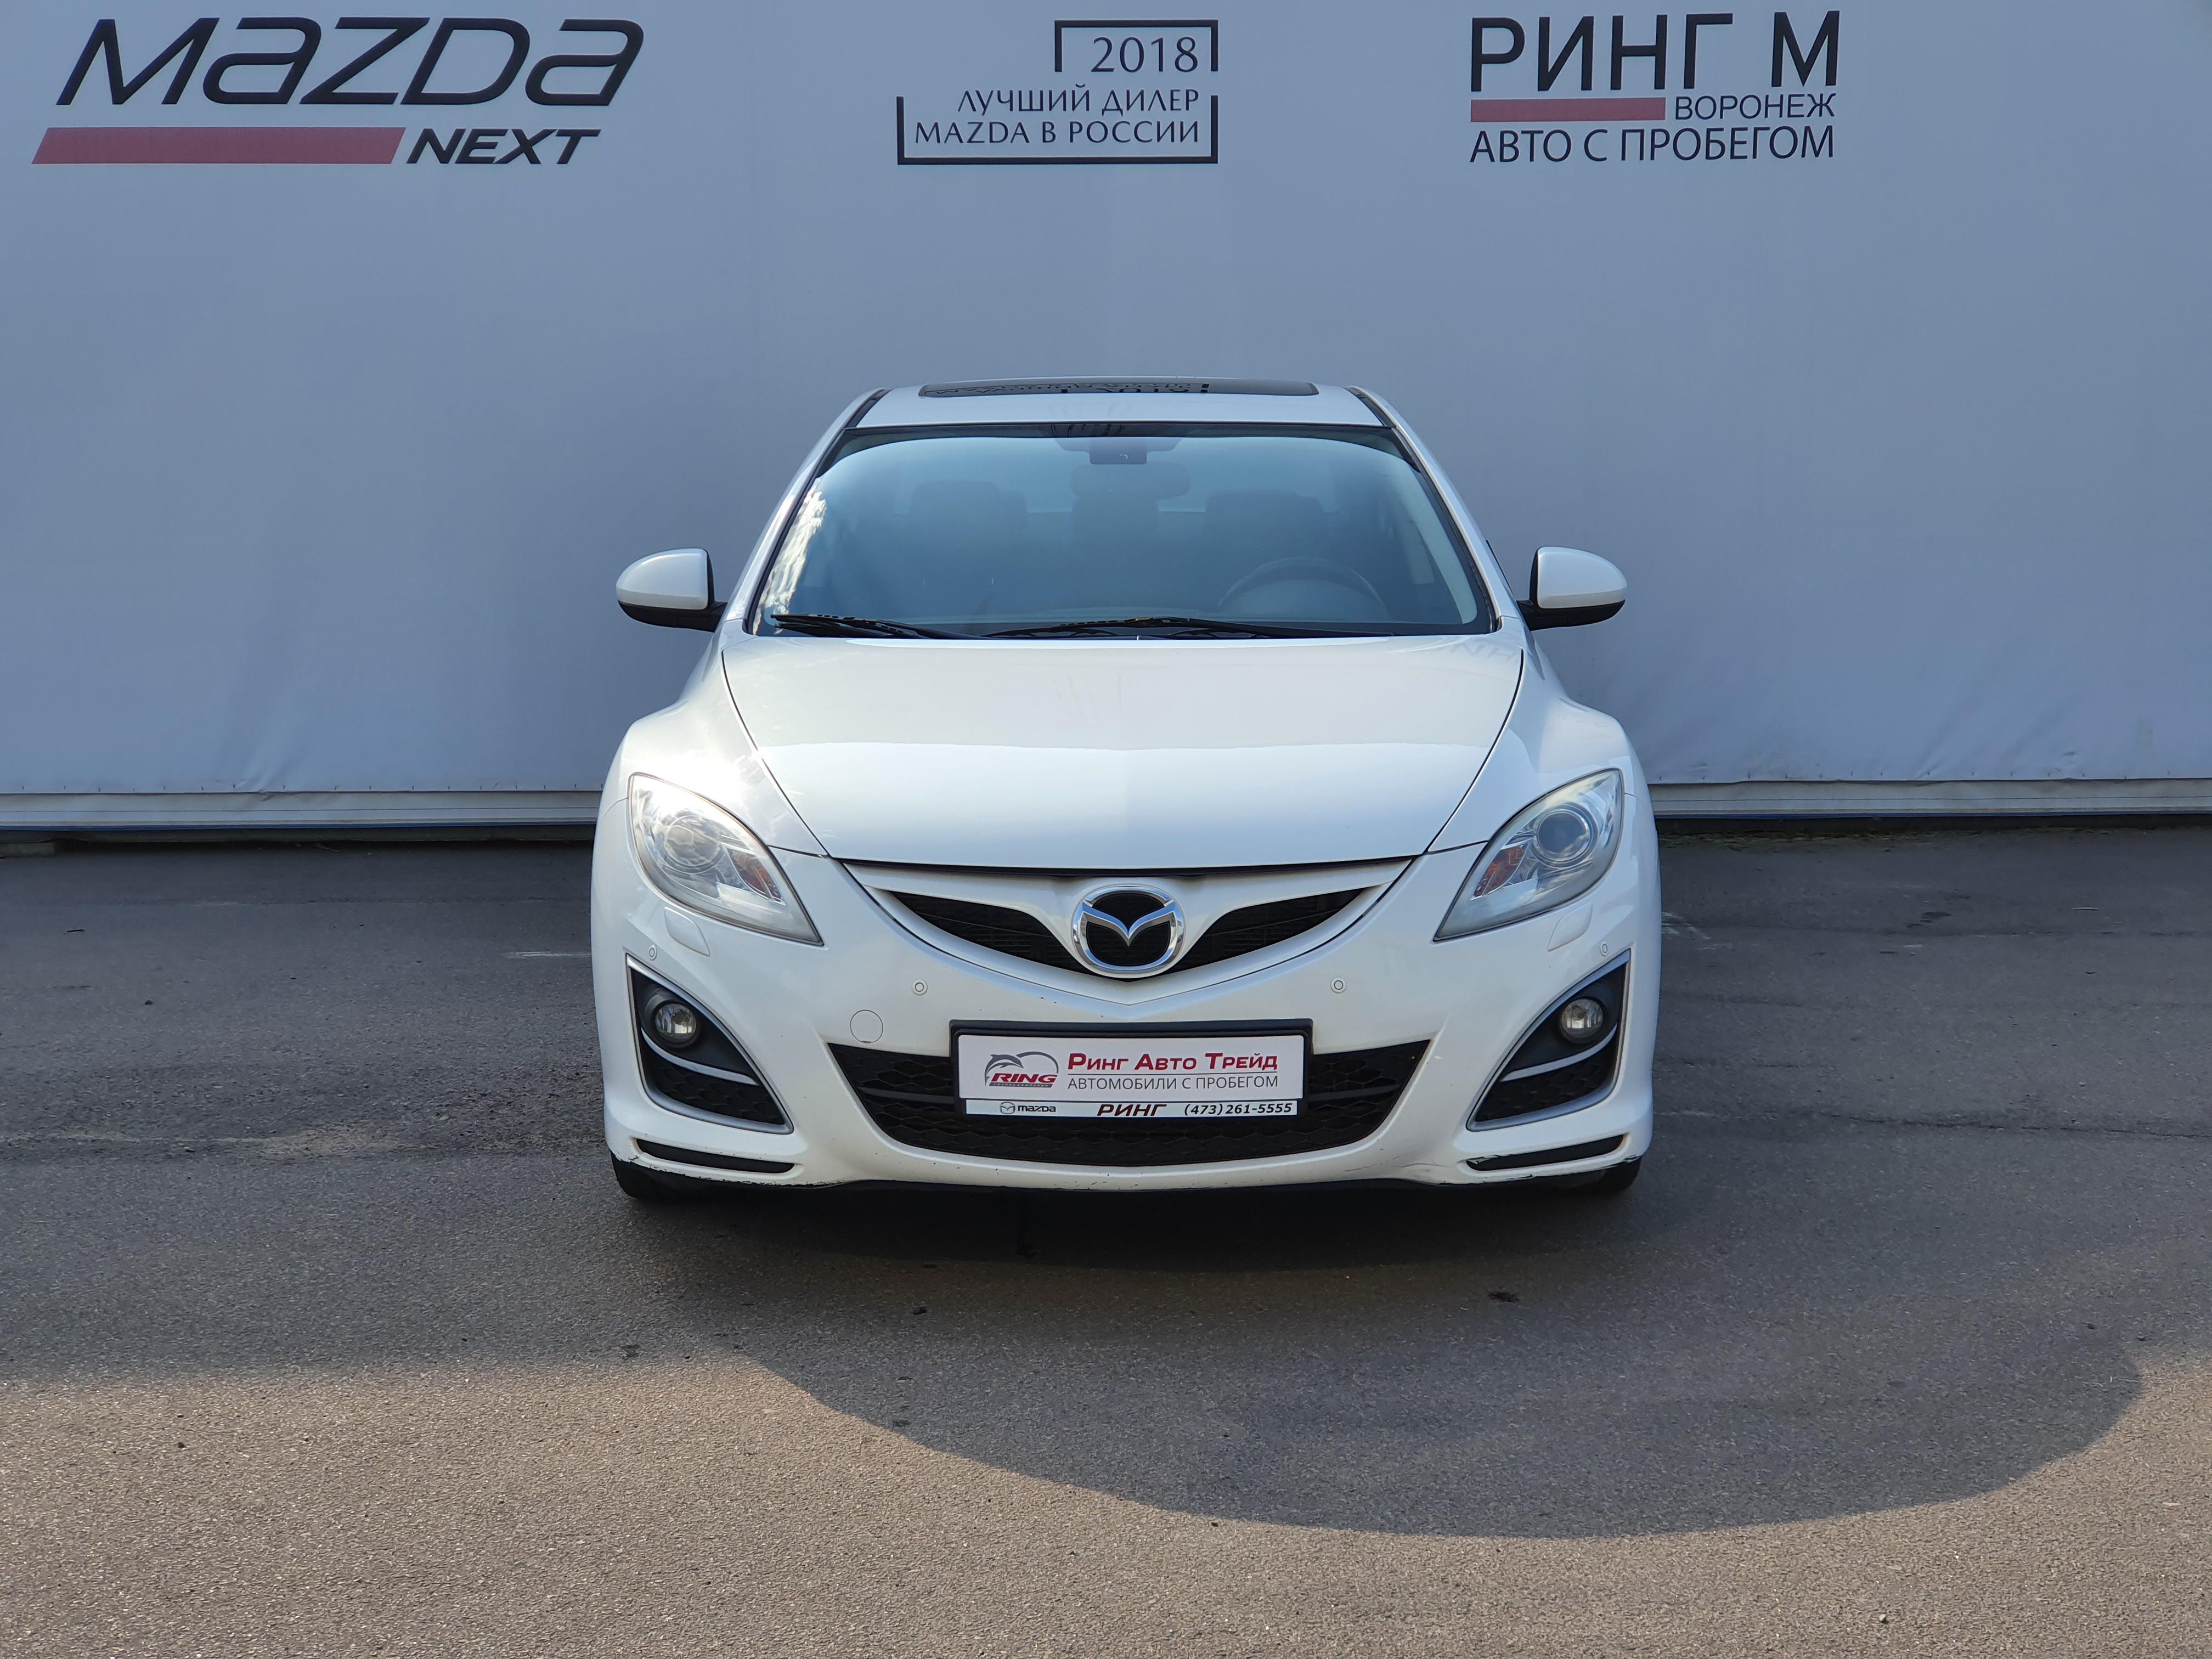 Mazda 6 Седан (2010г.)